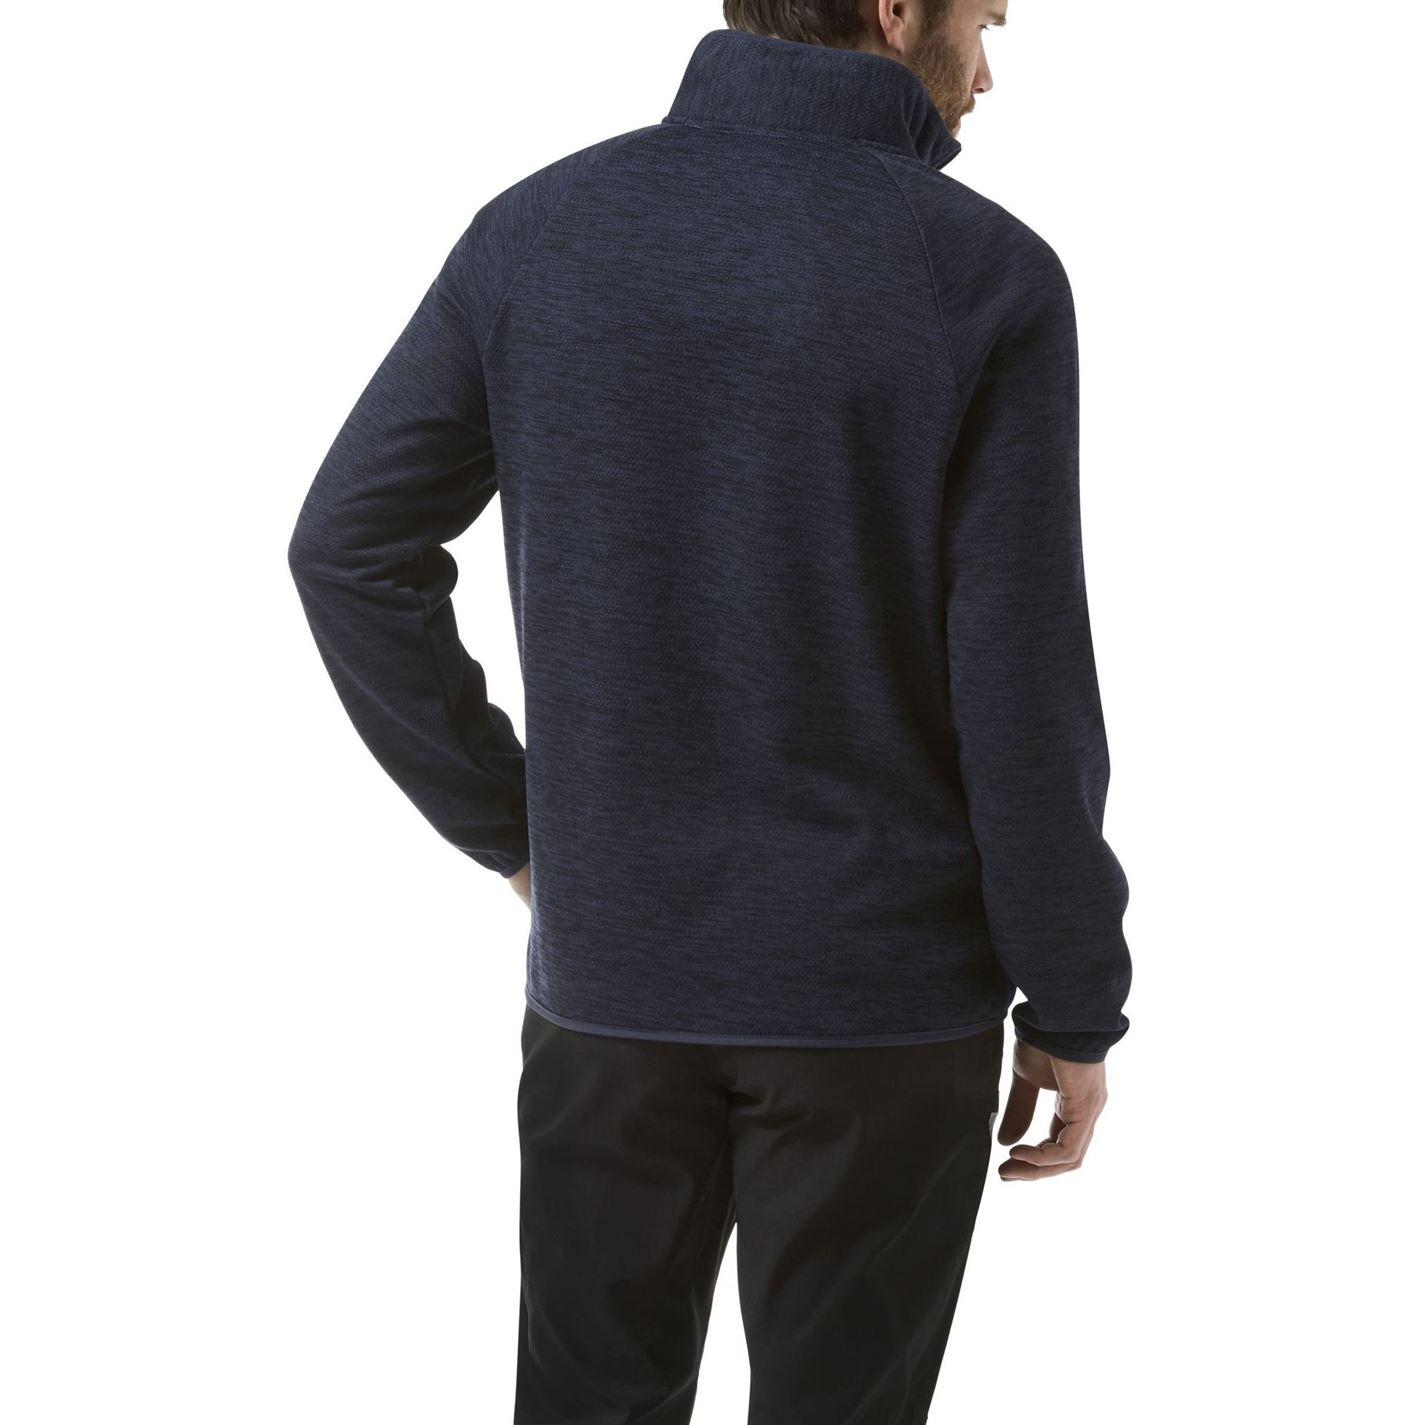 Craghoppers Monto Hybrid Jacket in Deep Blue (Blue) for Men